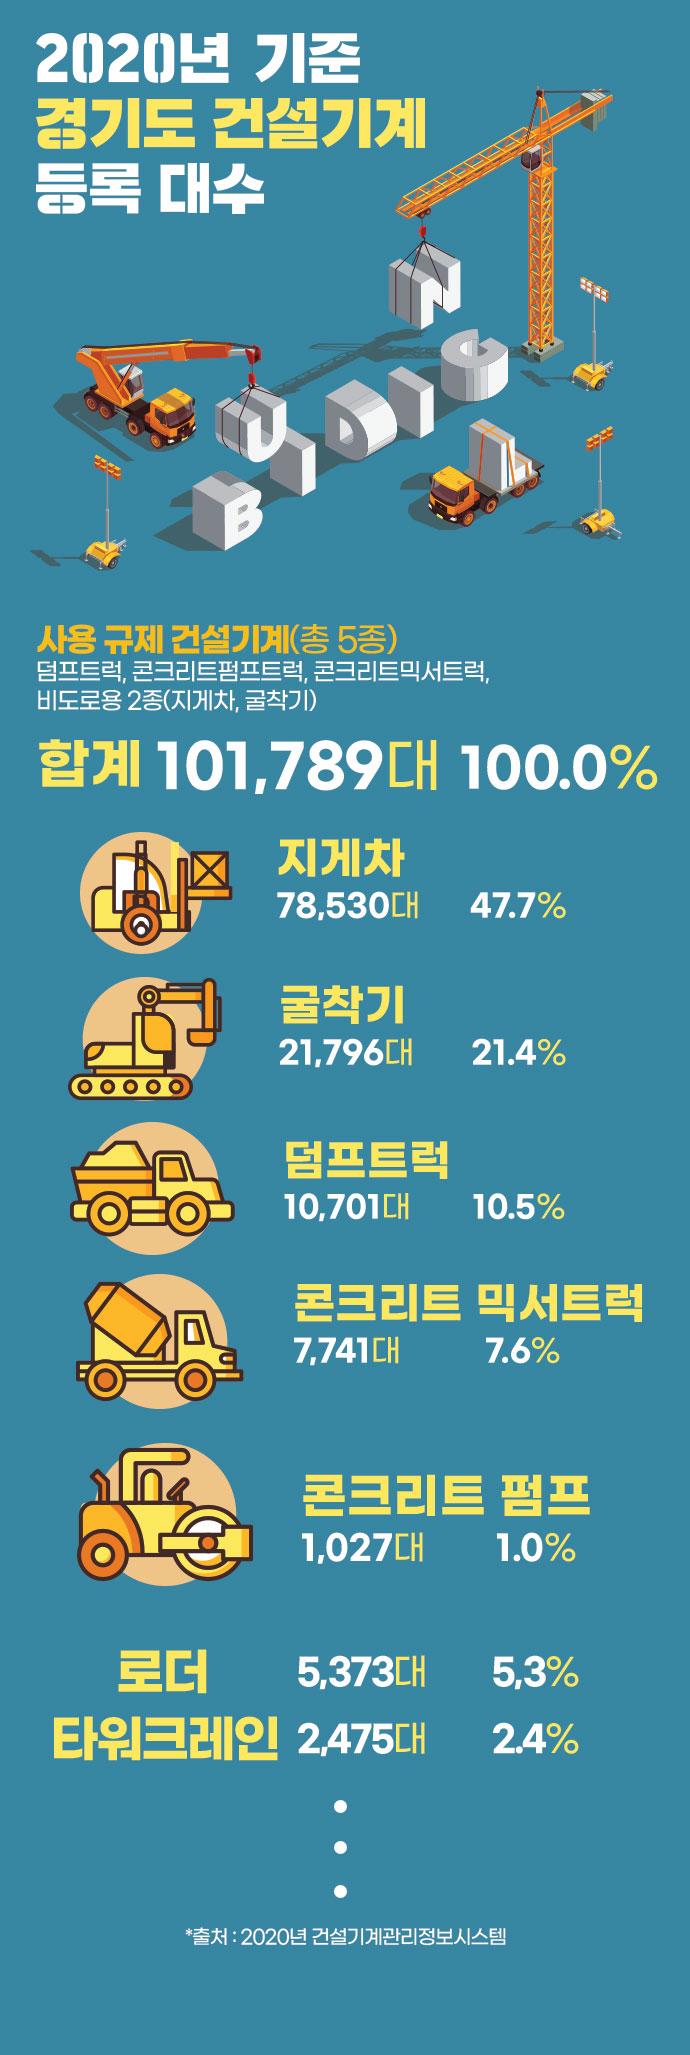 [뉴스그래픽] 굴착기지게차 등 노후 건설기계 초미세먼지 다량 배출 - 산업종합저널 기계